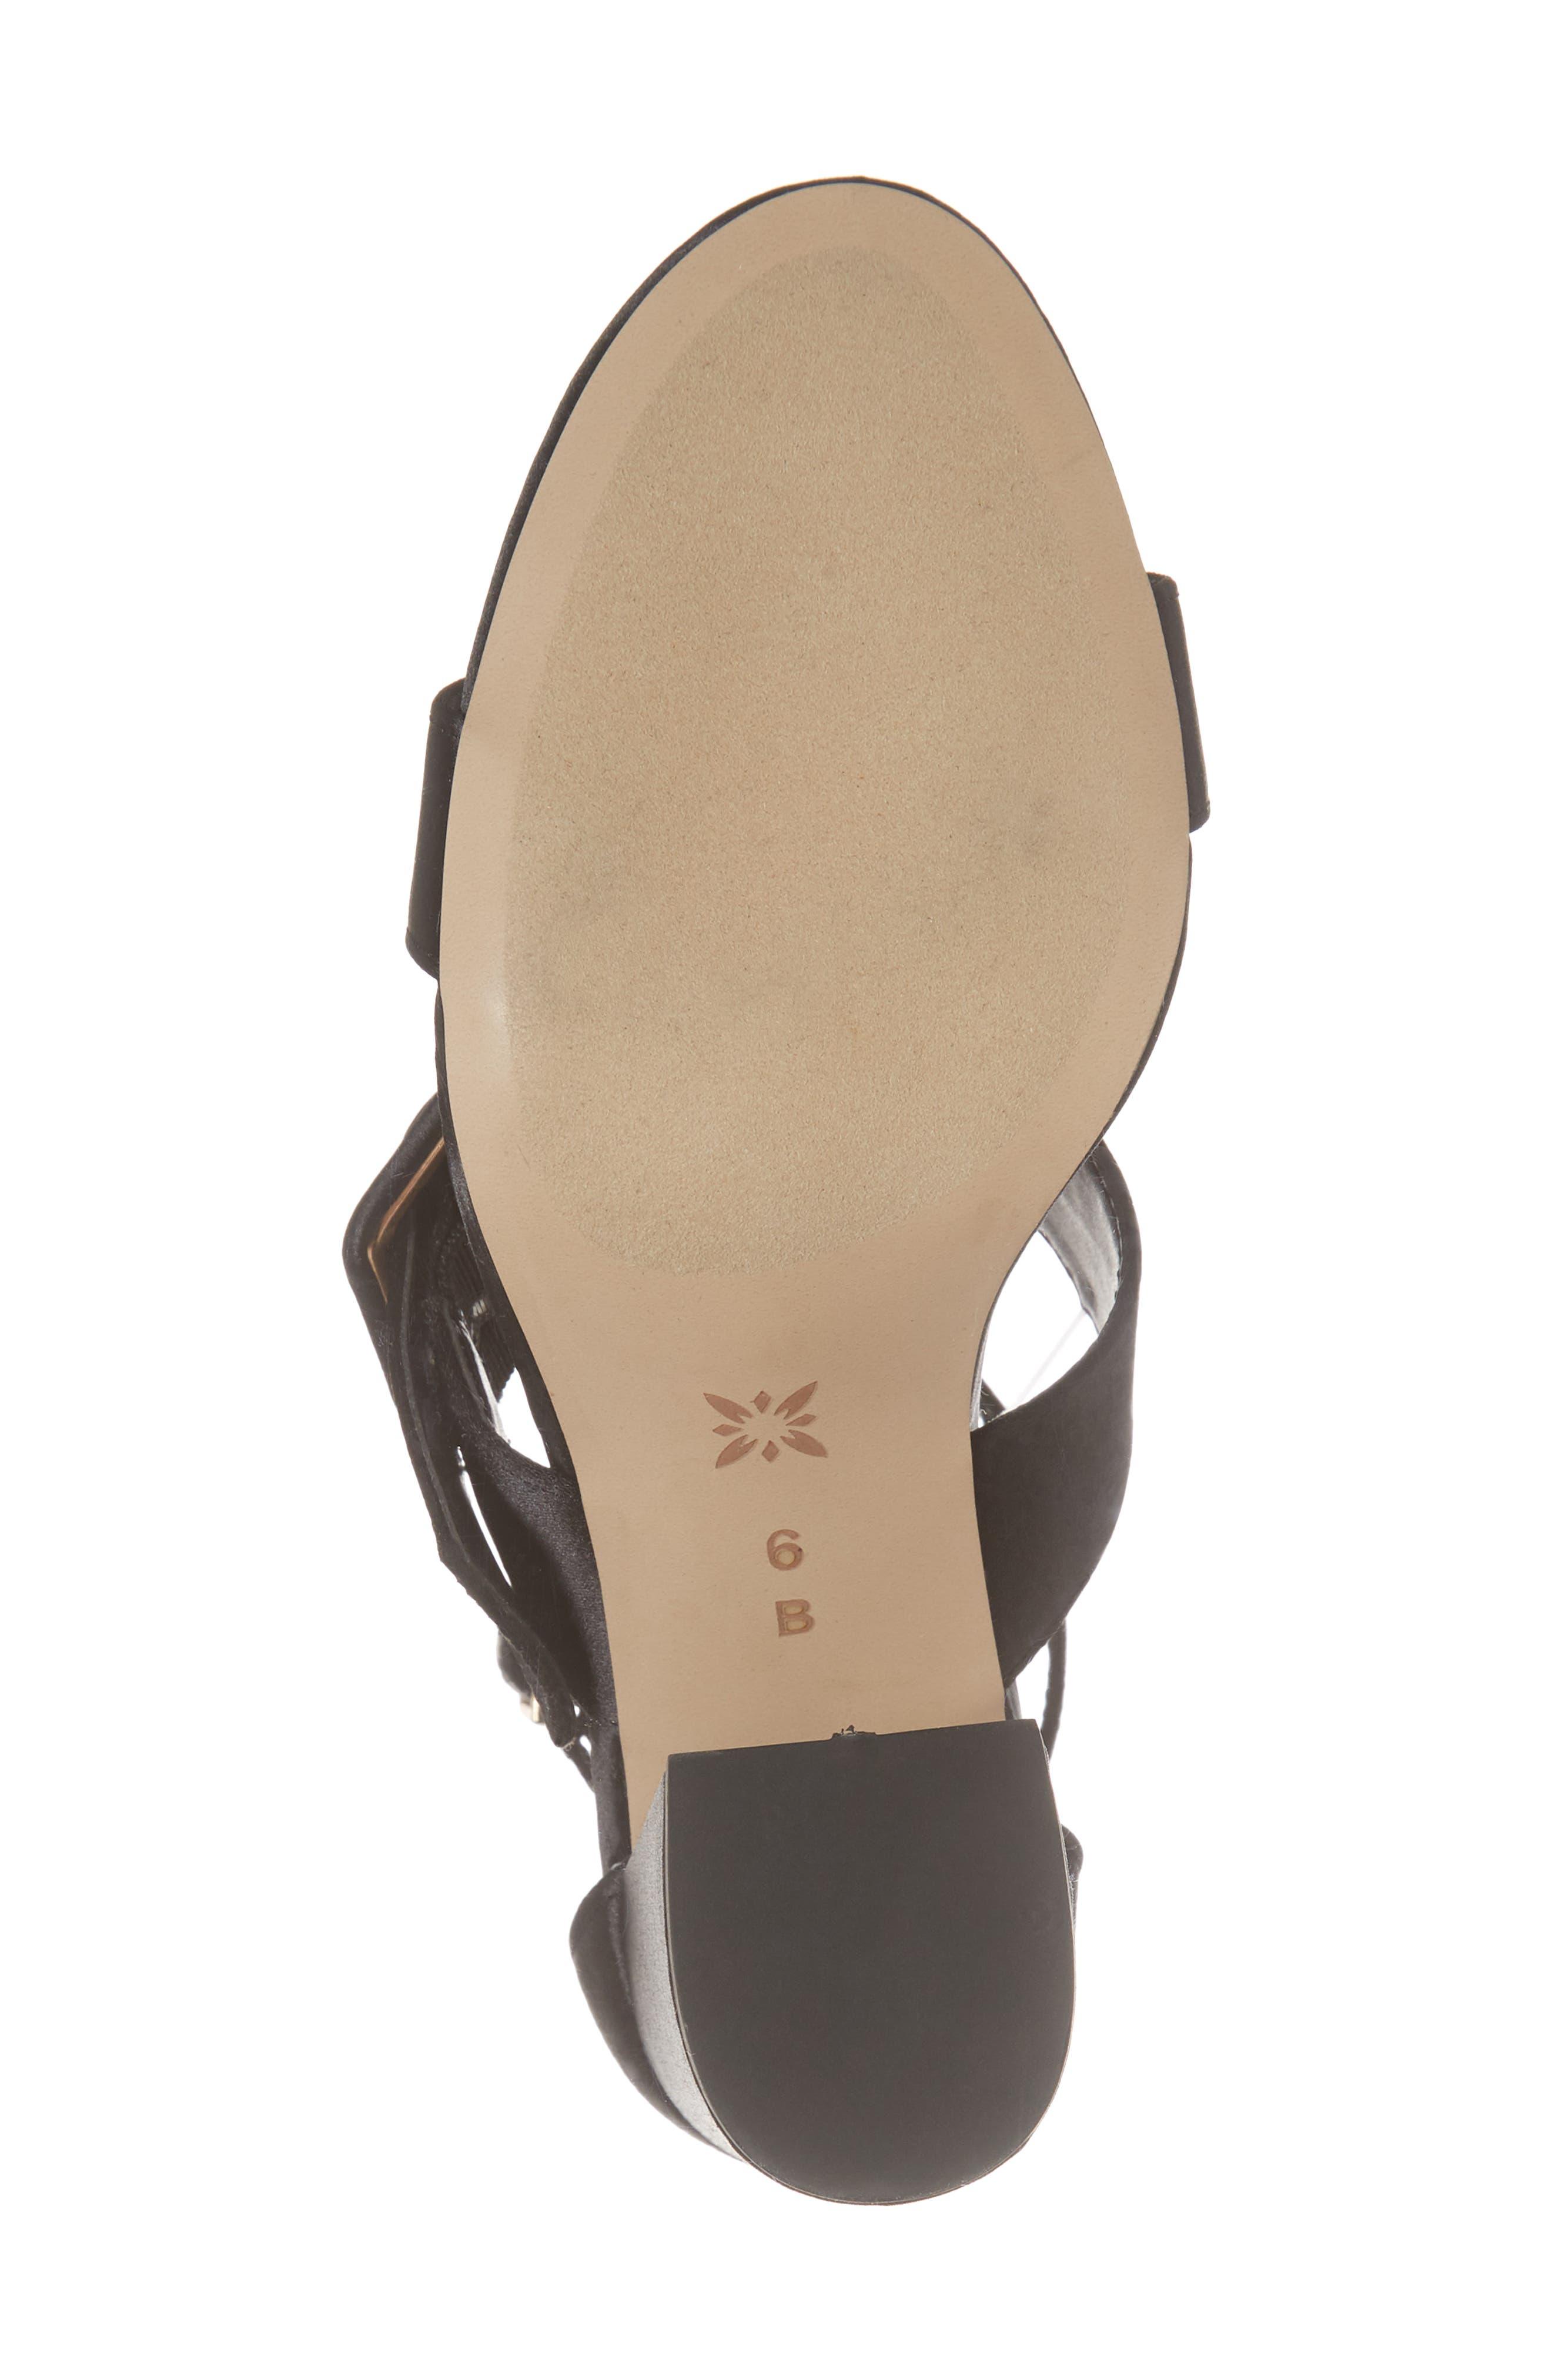 Raelynn Ankle Strap Sandal,                             Alternate thumbnail 6, color,                             BLACK SATIN